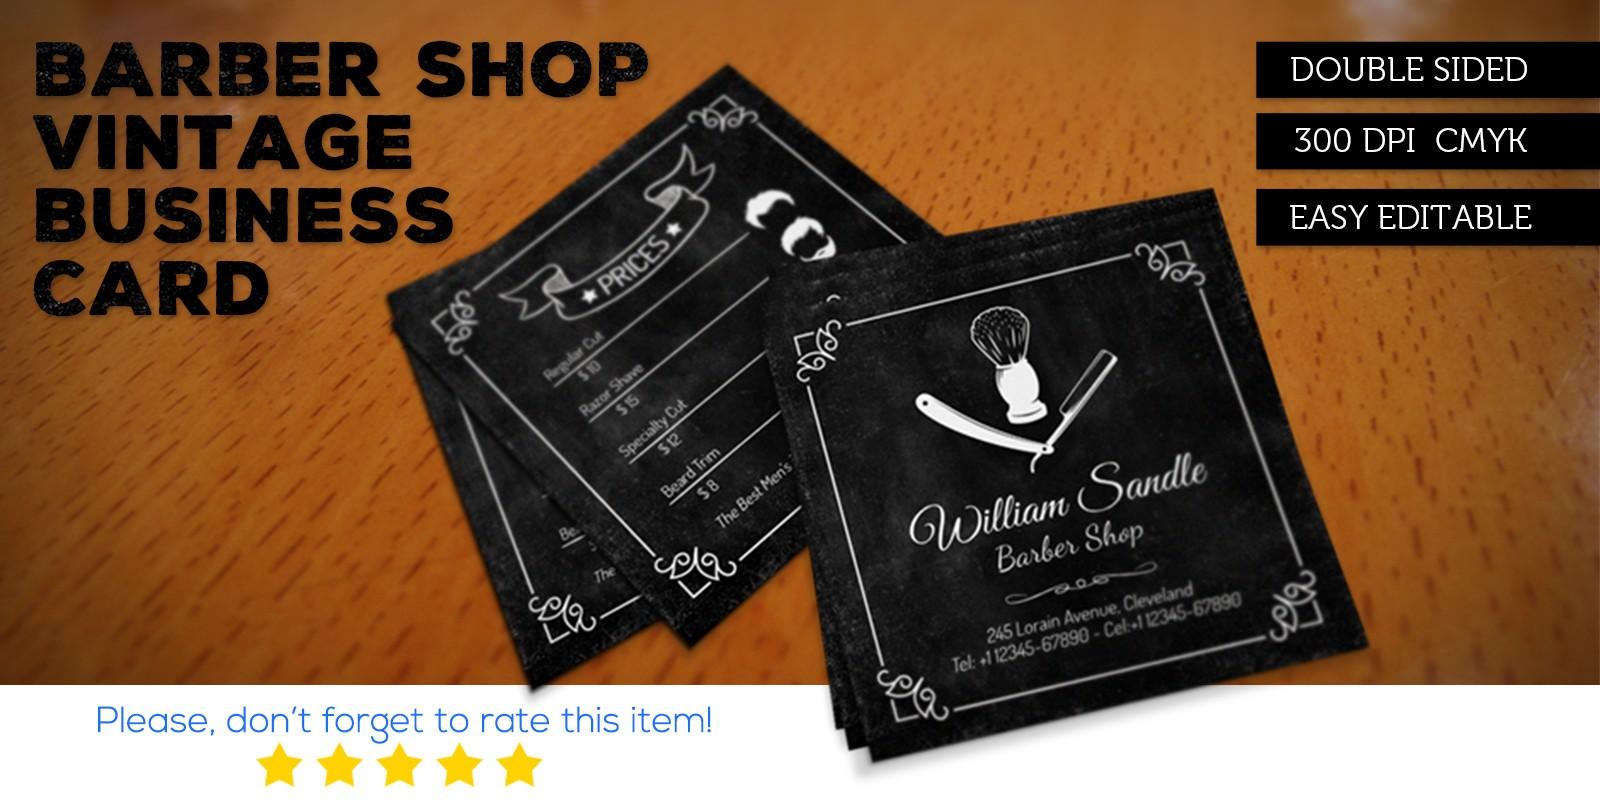 Barber Shop Vintage Business Card